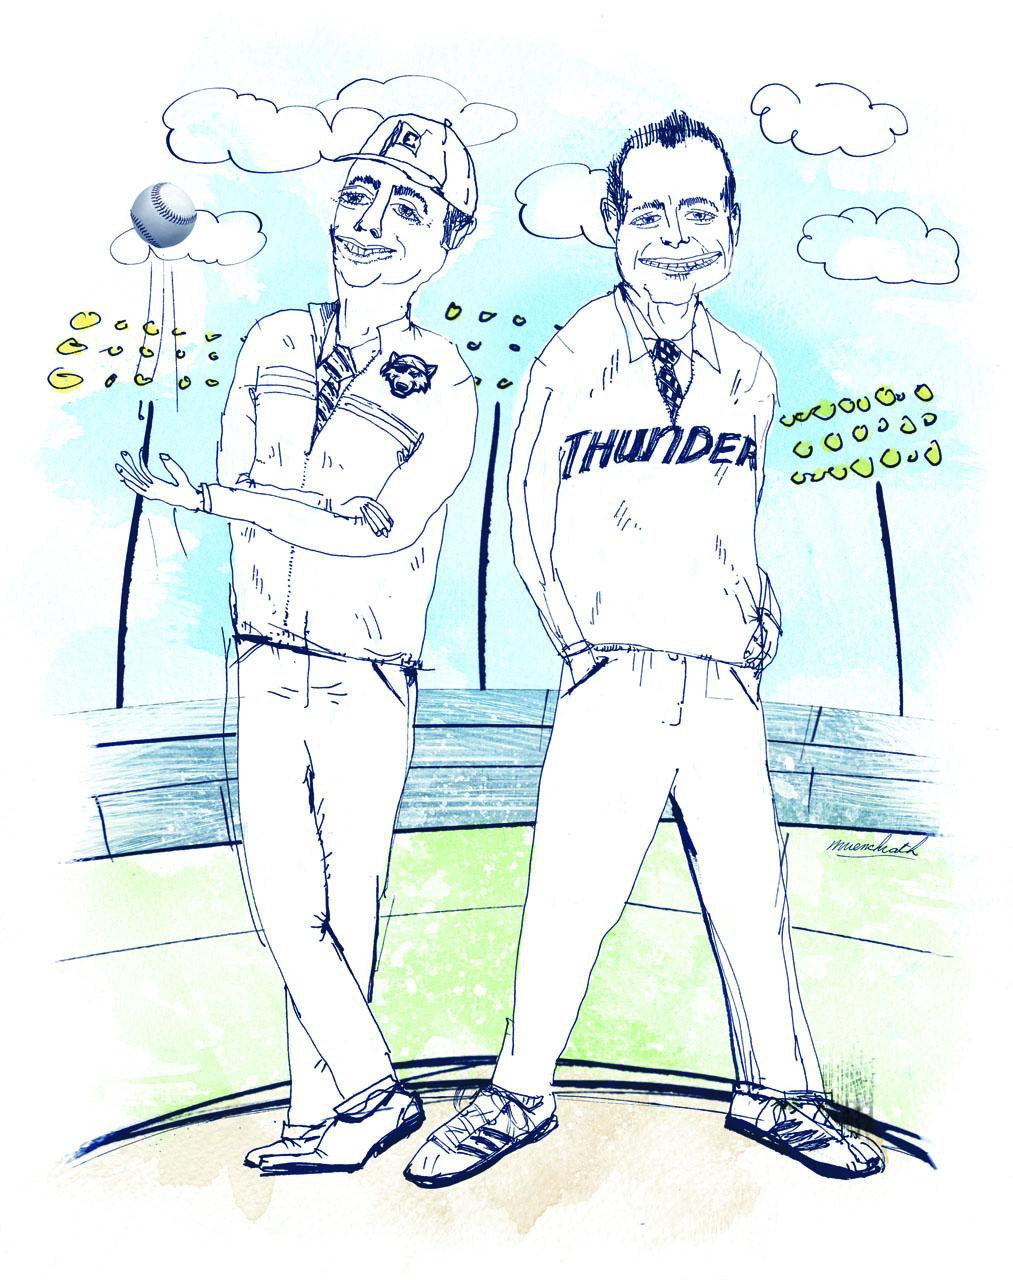 Major Fun in the Minor Leagues